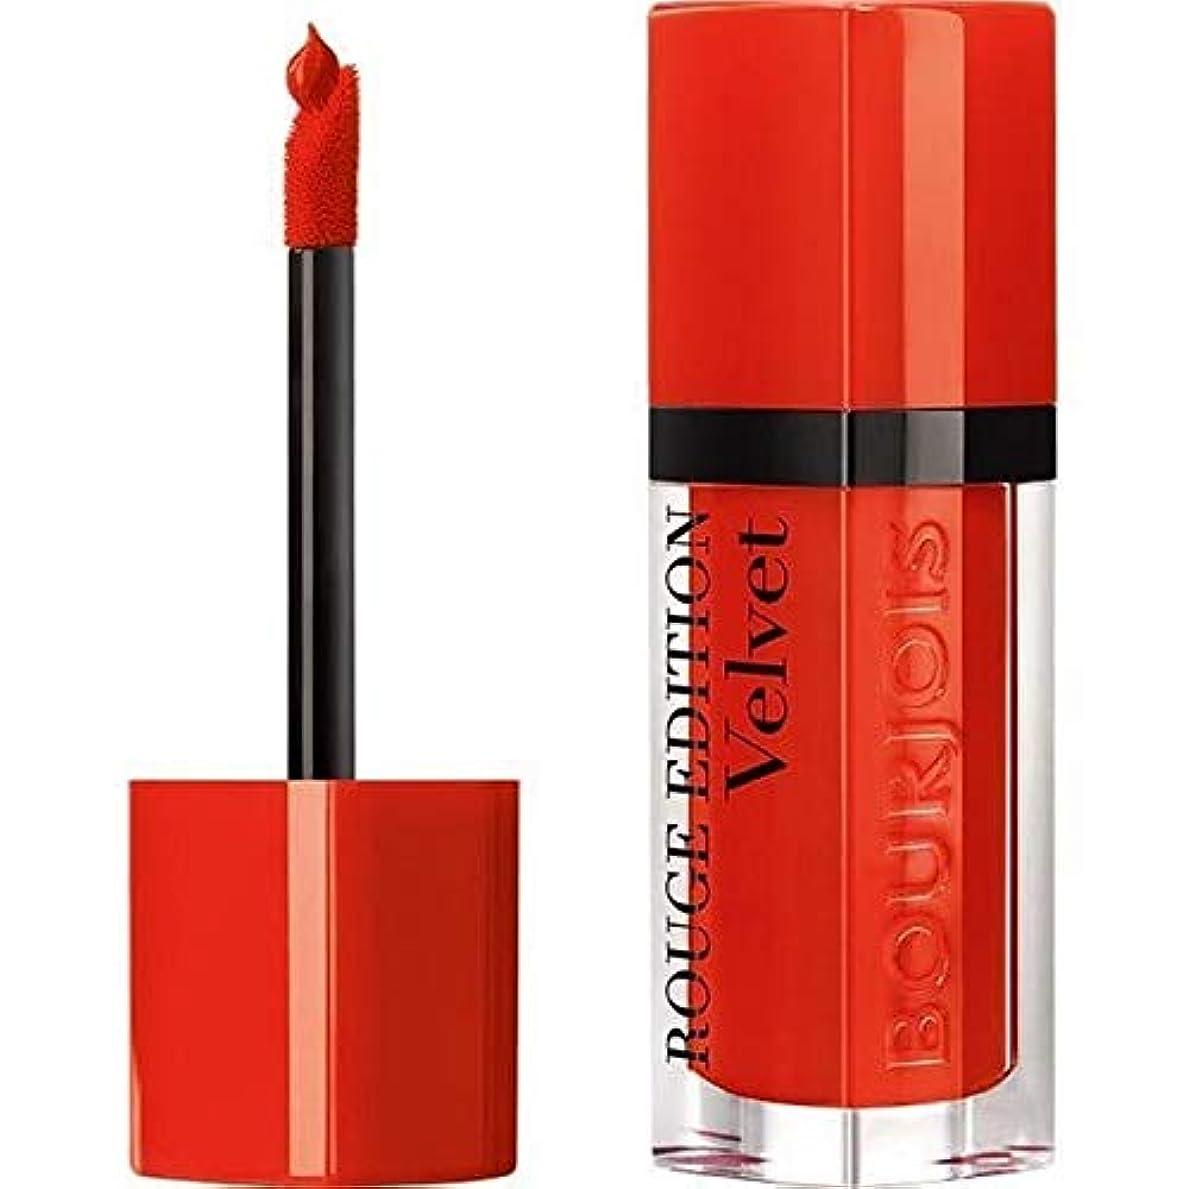 できる狂信者牧師[Bourjois ] ブルジョワルージュ版のベルベットの口紅ケシの日20 - Bourjois Rouge Edition Velvet Lipstick Poppy Days 20 [並行輸入品]